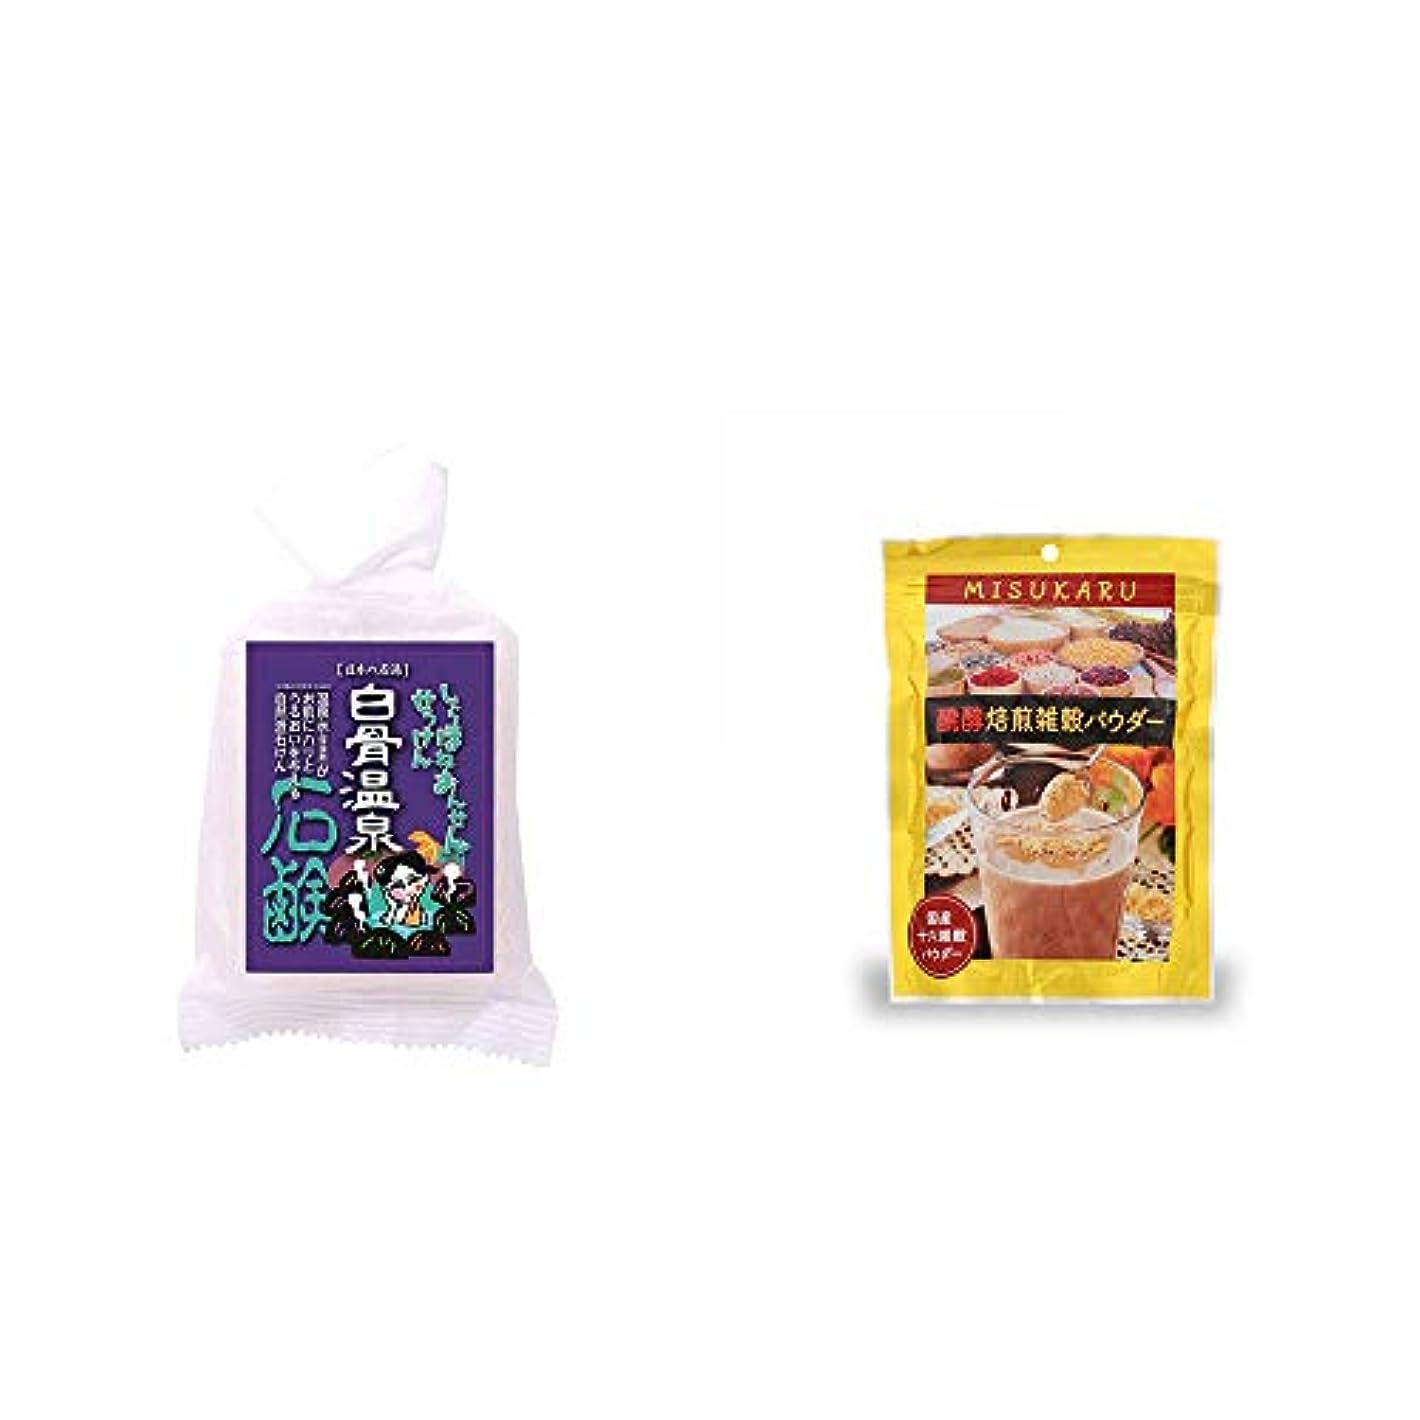 [2点セット] 信州 白骨温泉石鹸(80g)?醗酵焙煎雑穀パウダー MISUKARU(ミスカル)(200g)